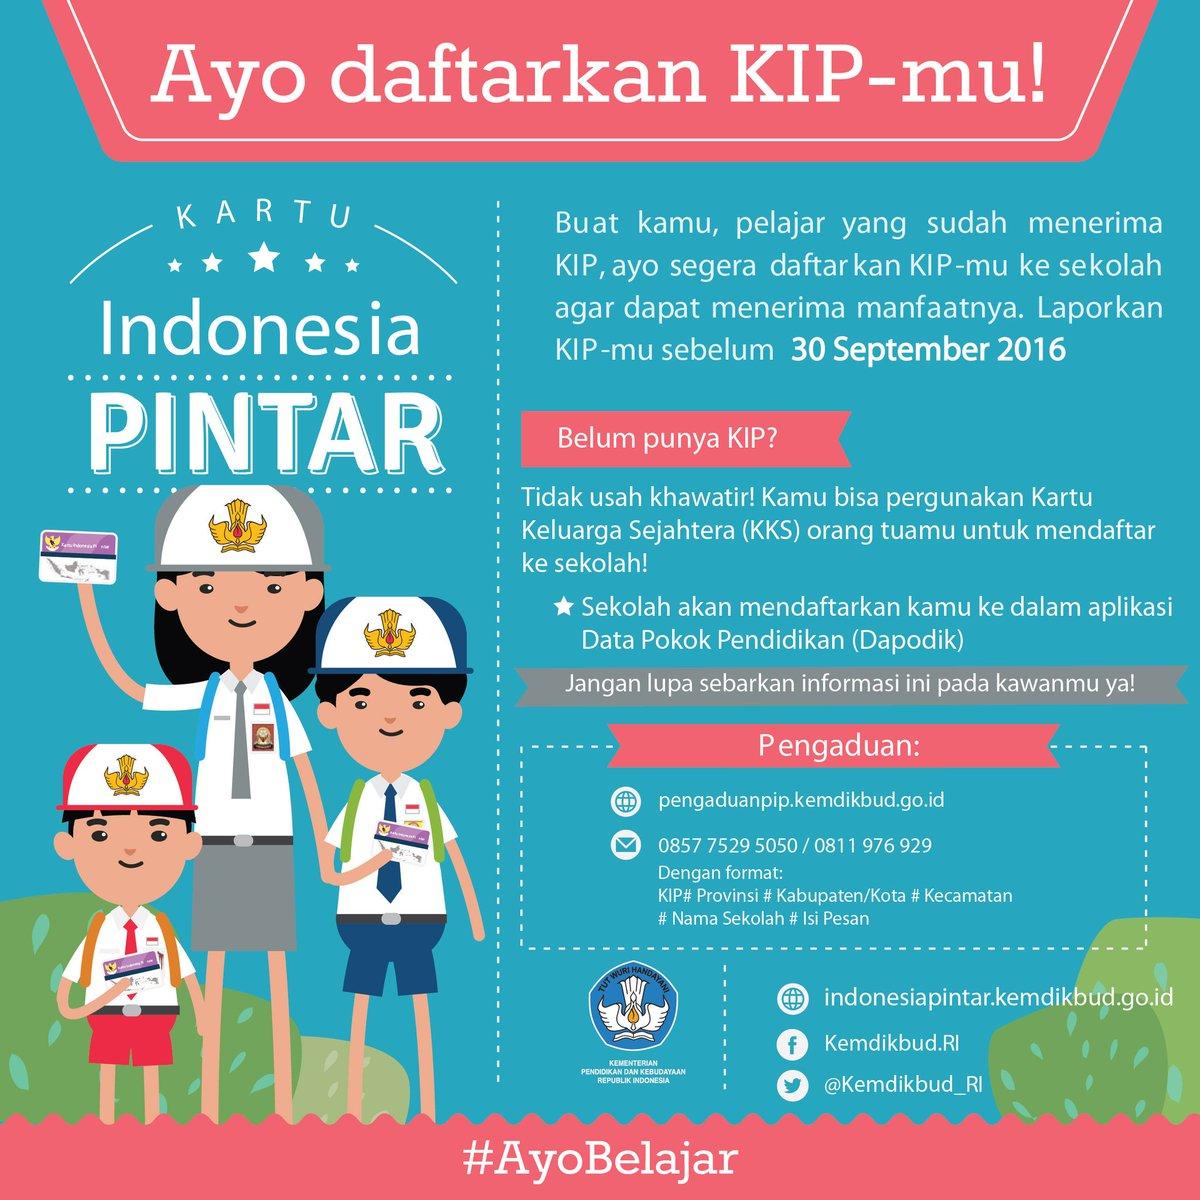 Poppy jeng plupi poppyajeng twitter kemendikbud stopboris Image collections